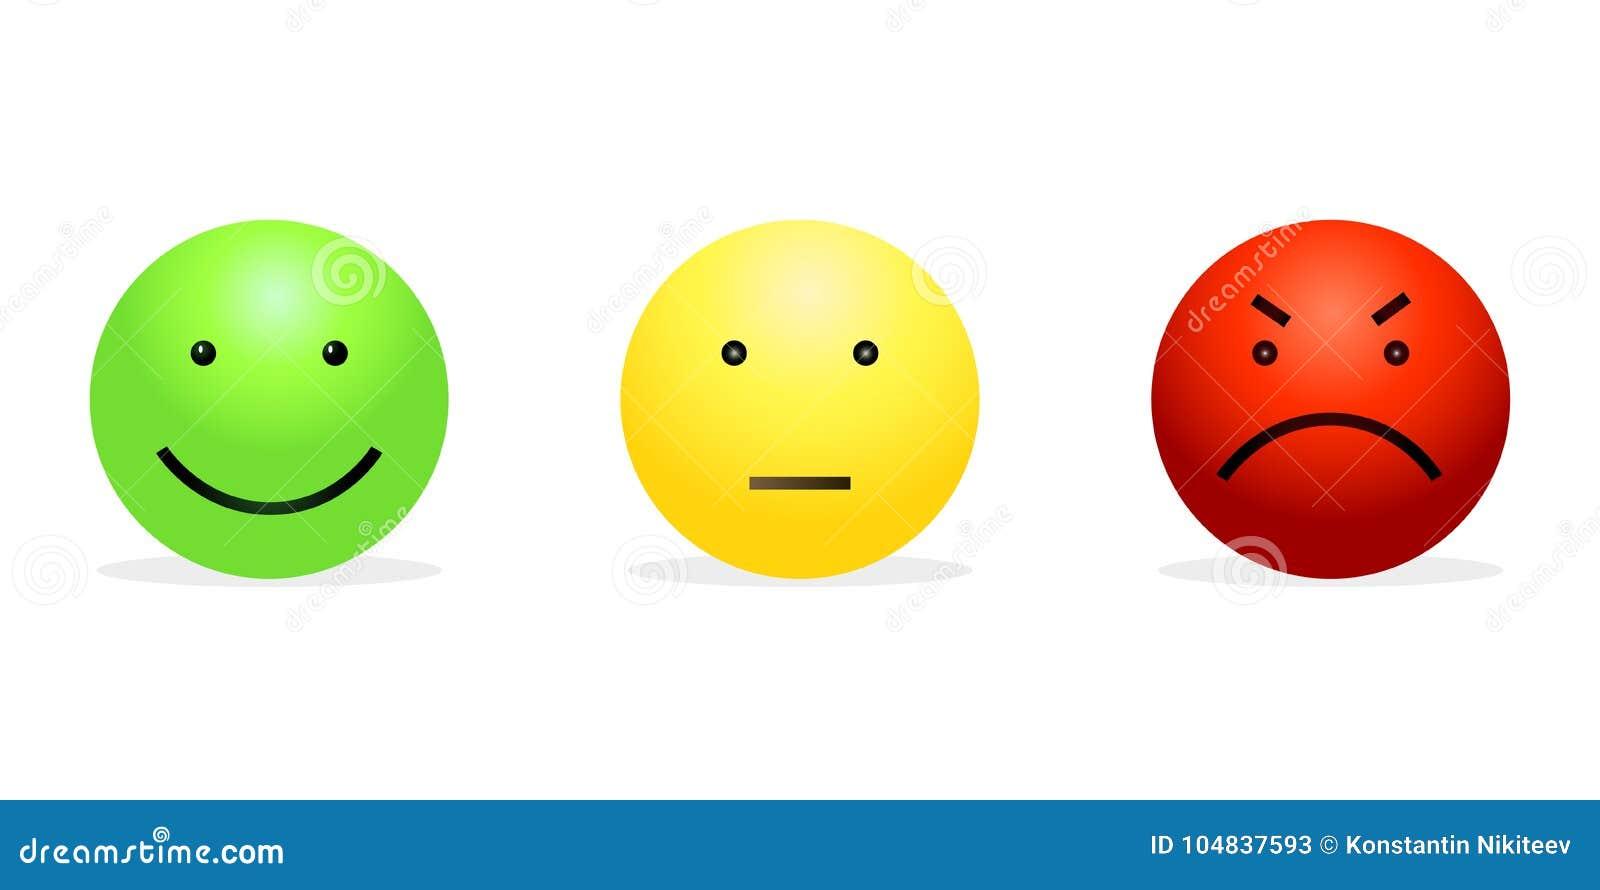 foto de De Heureux Smiley Vert Stock Illustrations Vecteurs & Clipart (2 386 Stock Illustrations)